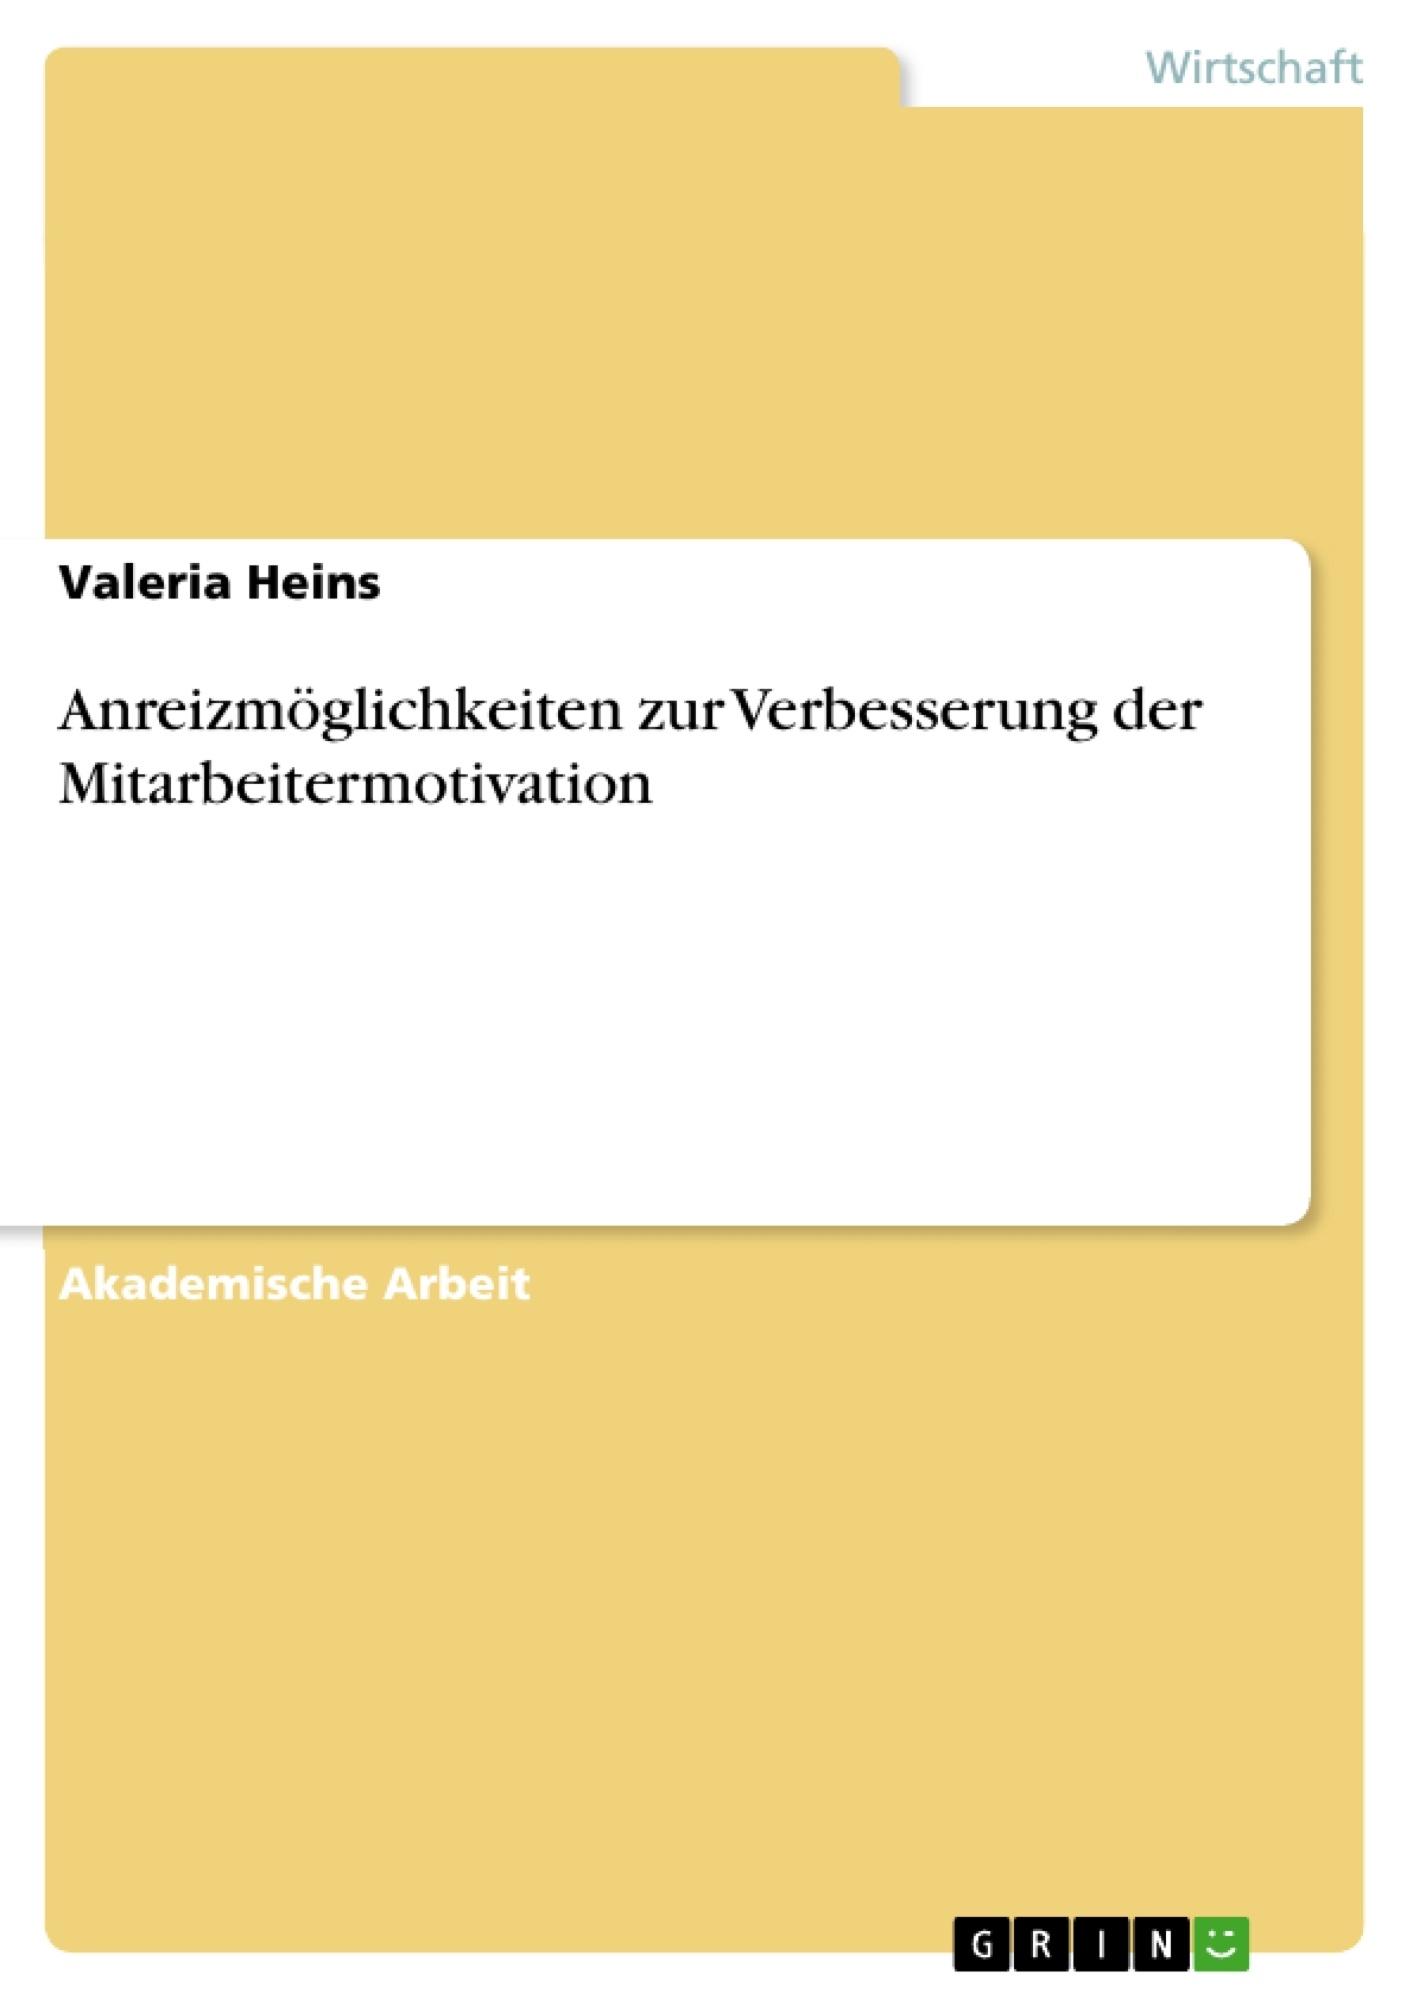 Titel: Anreizmöglichkeiten zur Verbesserung der Mitarbeitermotivation